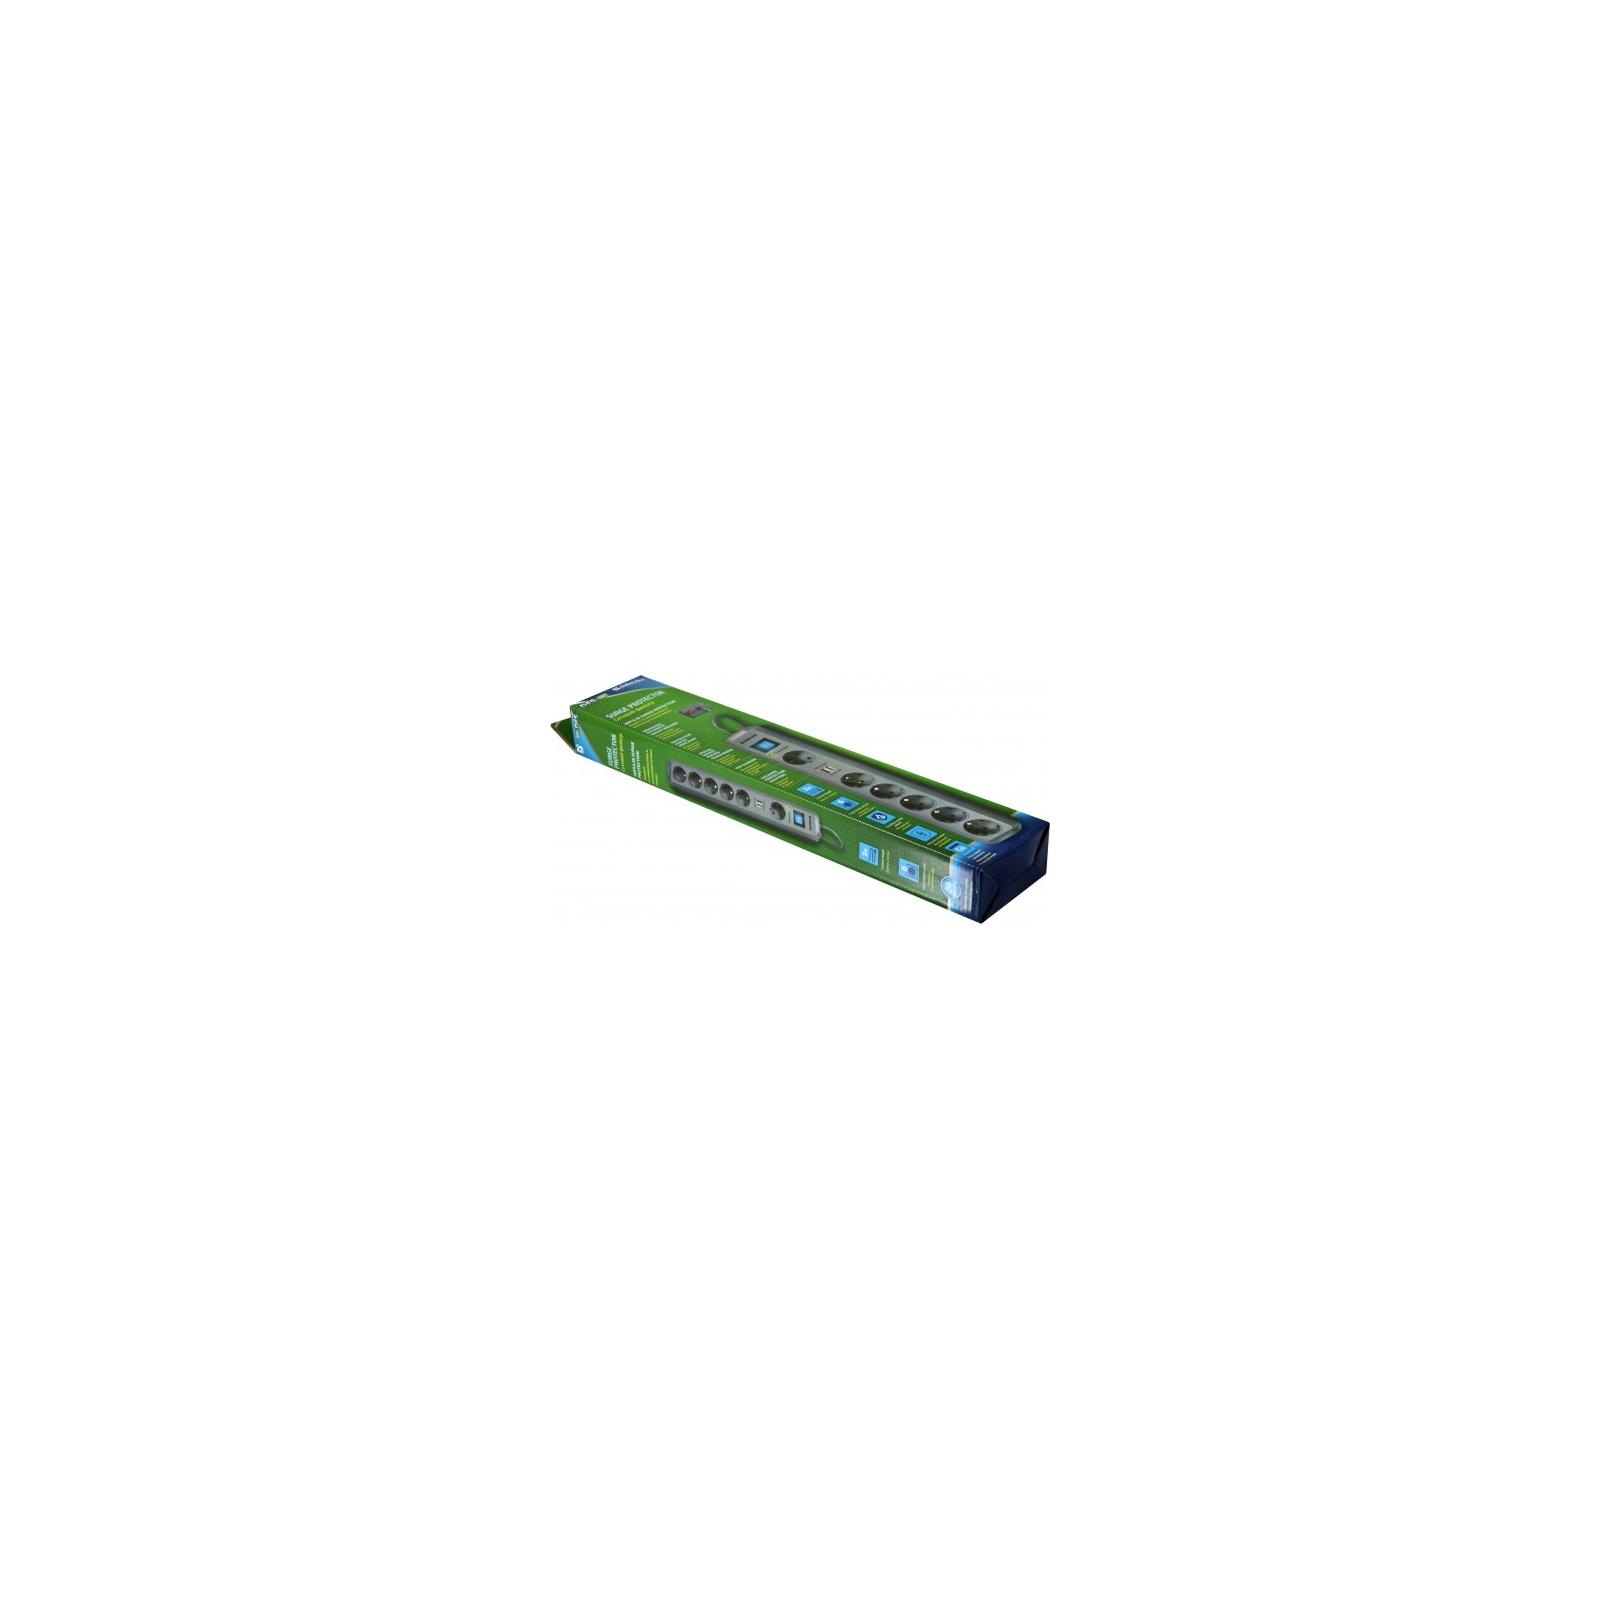 Сетевой фильтр питания Defender DEFENDER DFS 505 5m 6 роз. 2 USB порта (99055) изображение 5